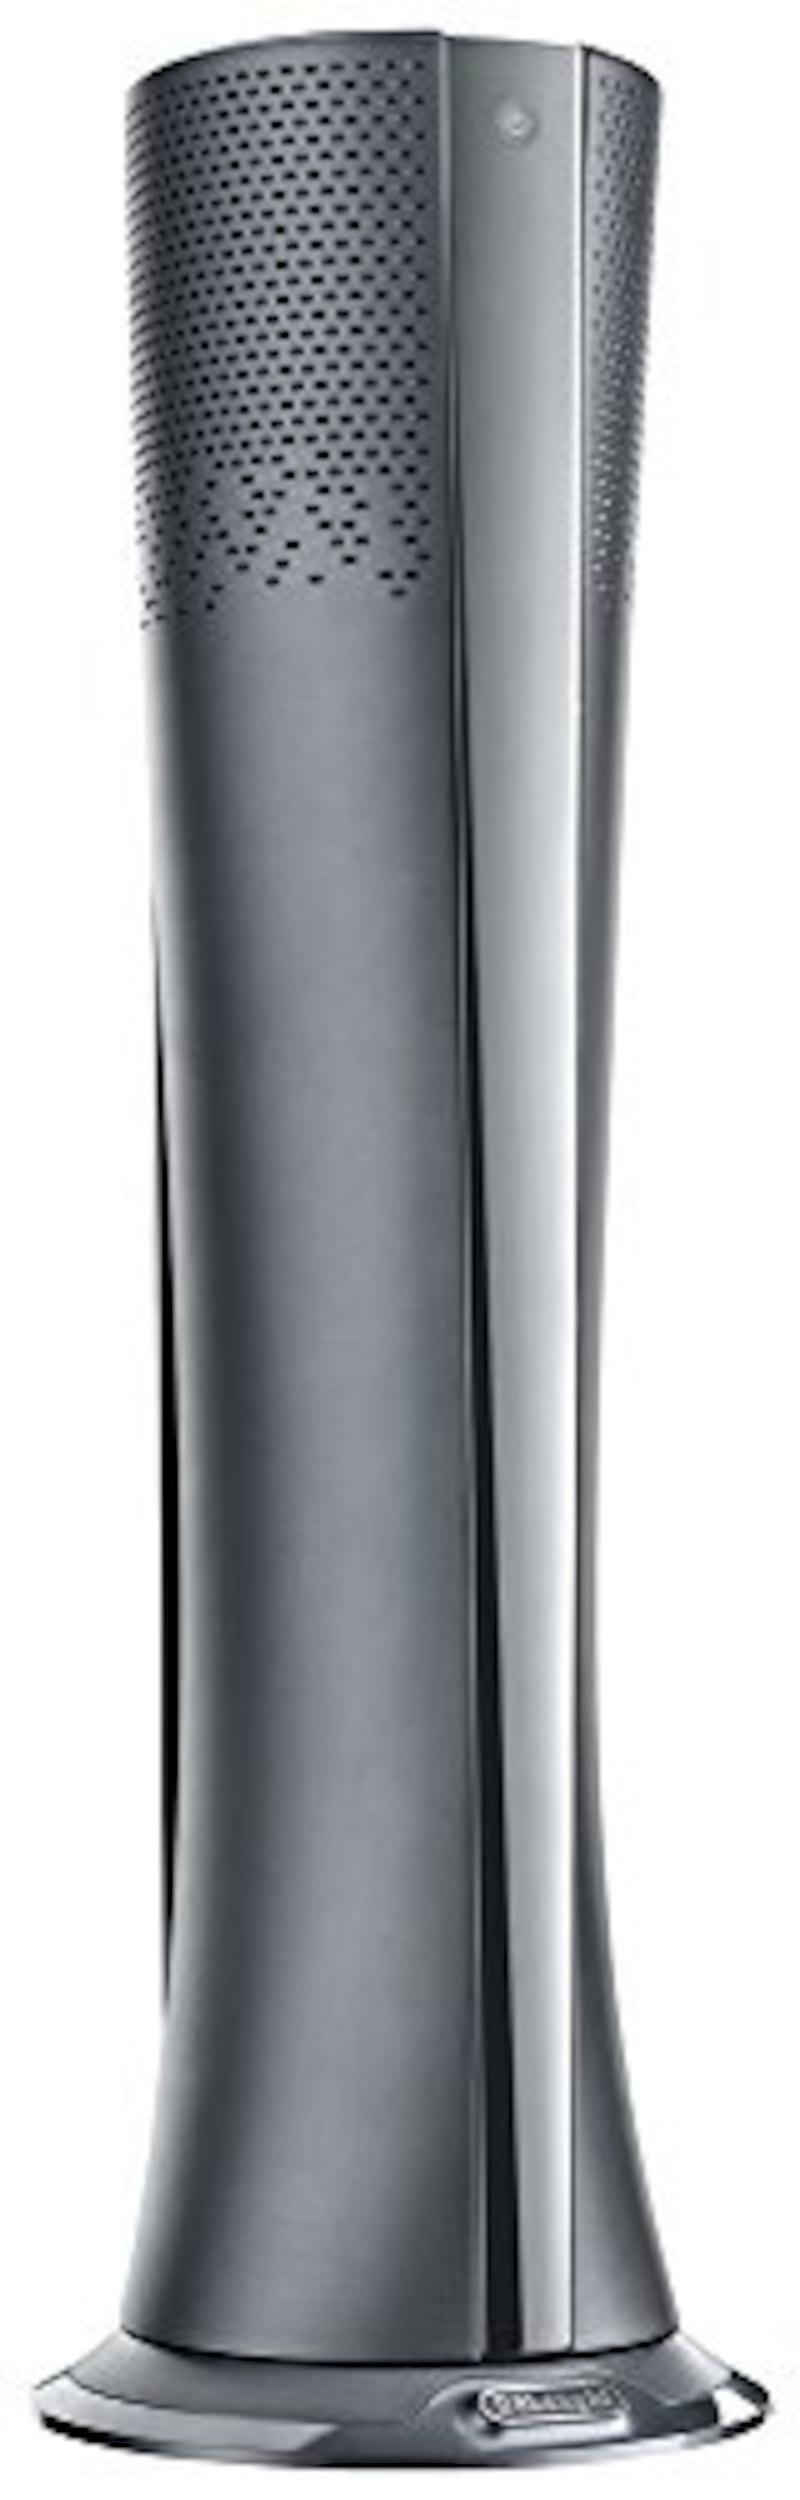 DeLonghi(デロンギ),空気清浄機能付きファン,HFX85W14C